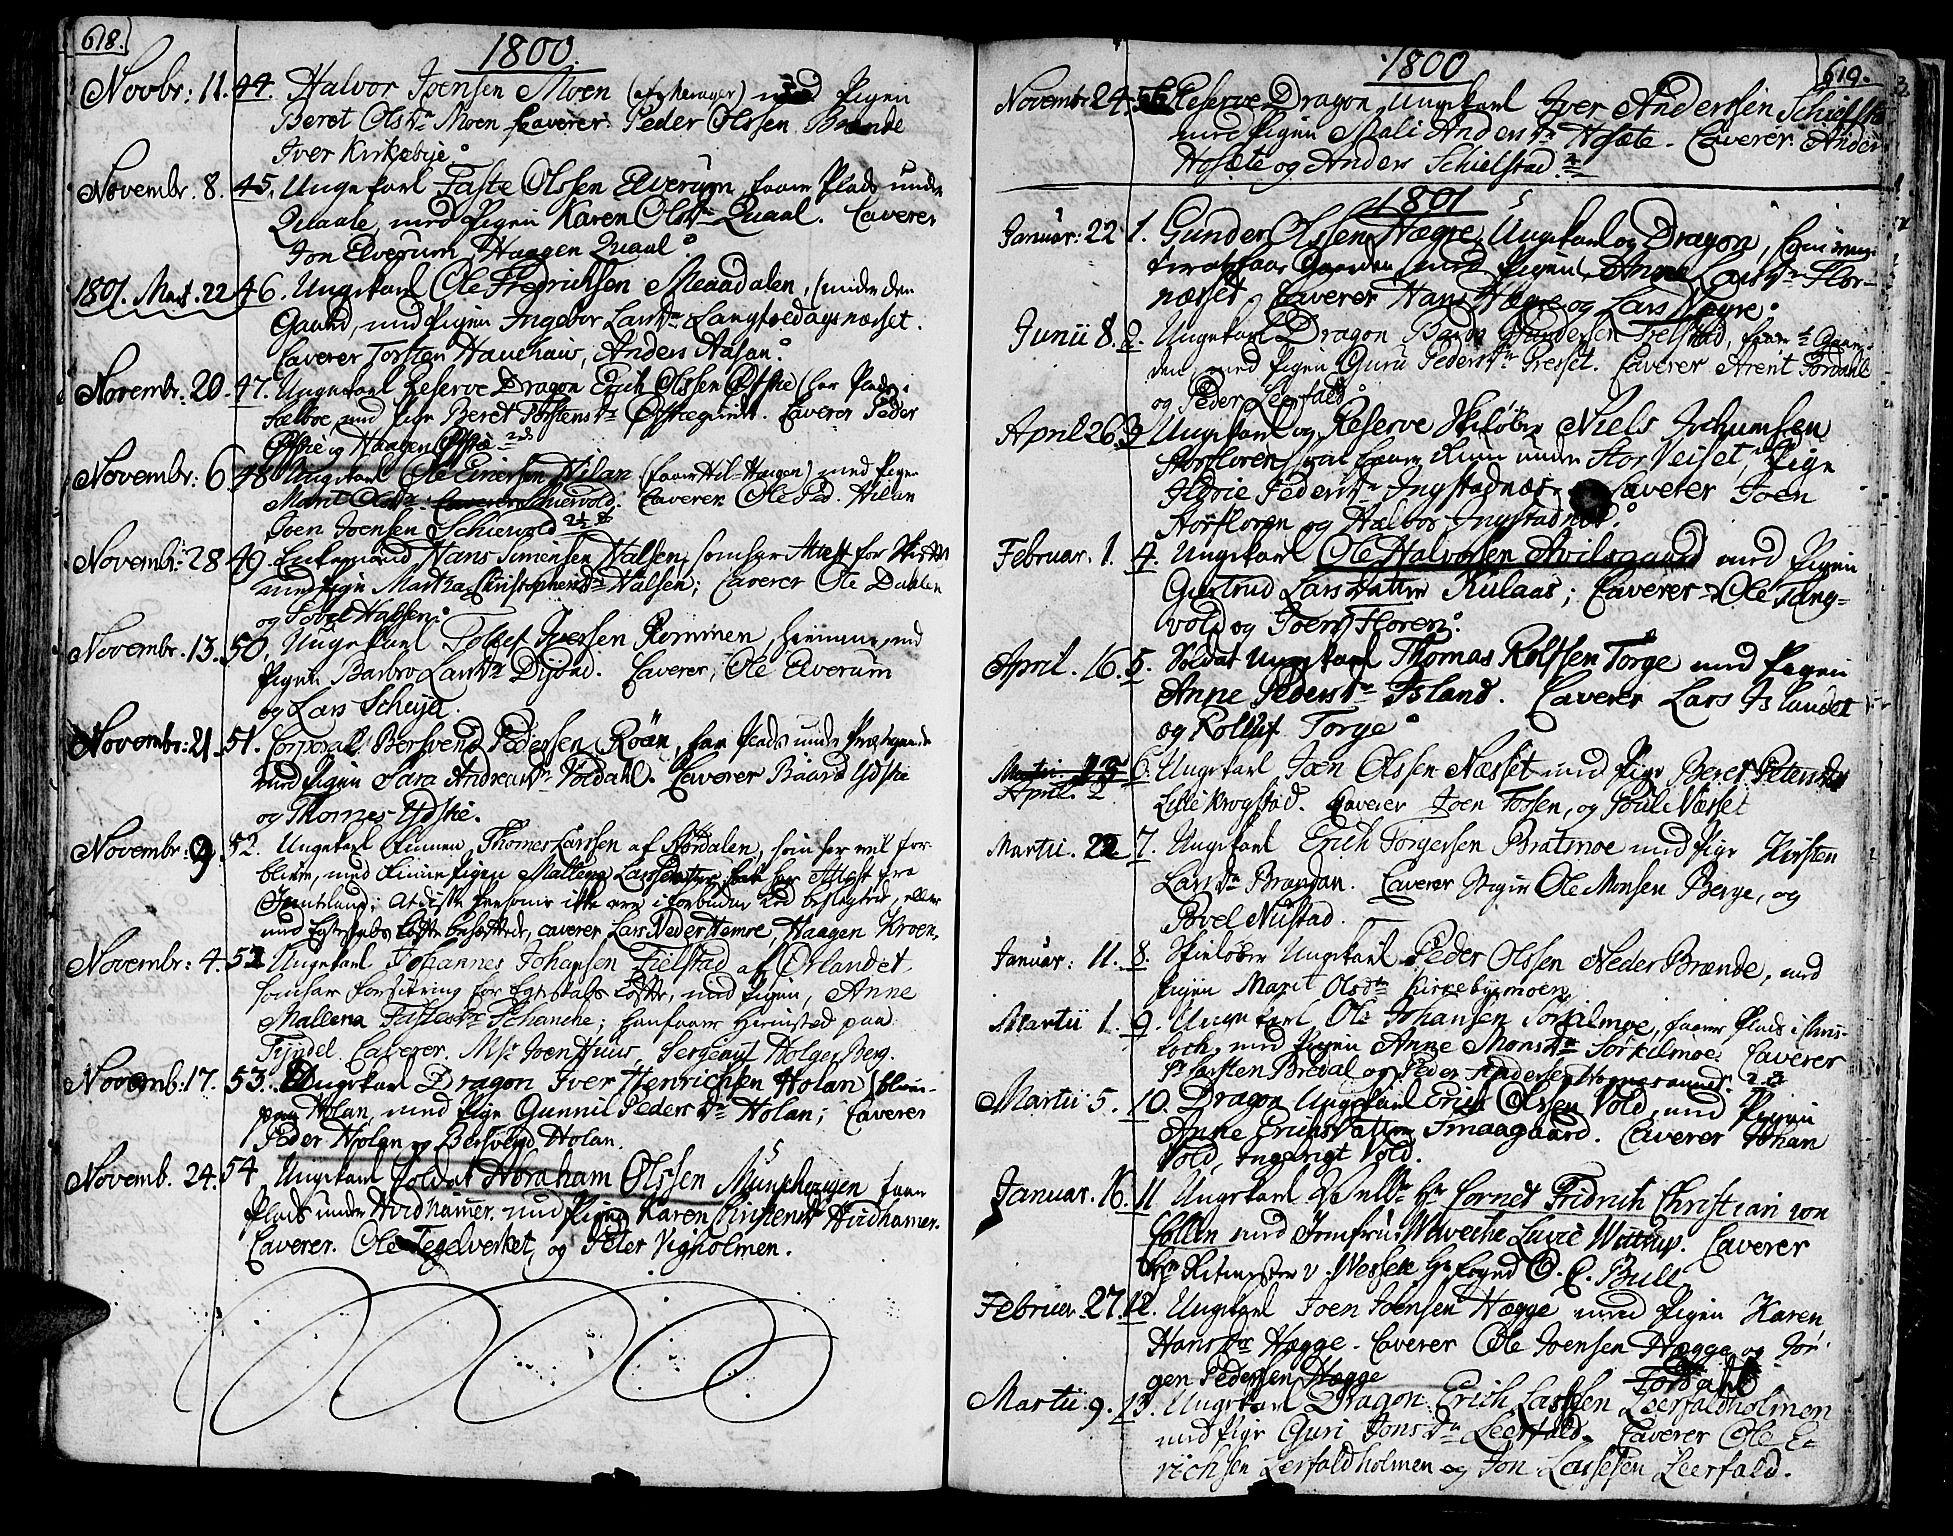 SAT, Ministerialprotokoller, klokkerbøker og fødselsregistre - Nord-Trøndelag, 709/L0060: Ministerialbok nr. 709A07, 1797-1815, s. 618-619